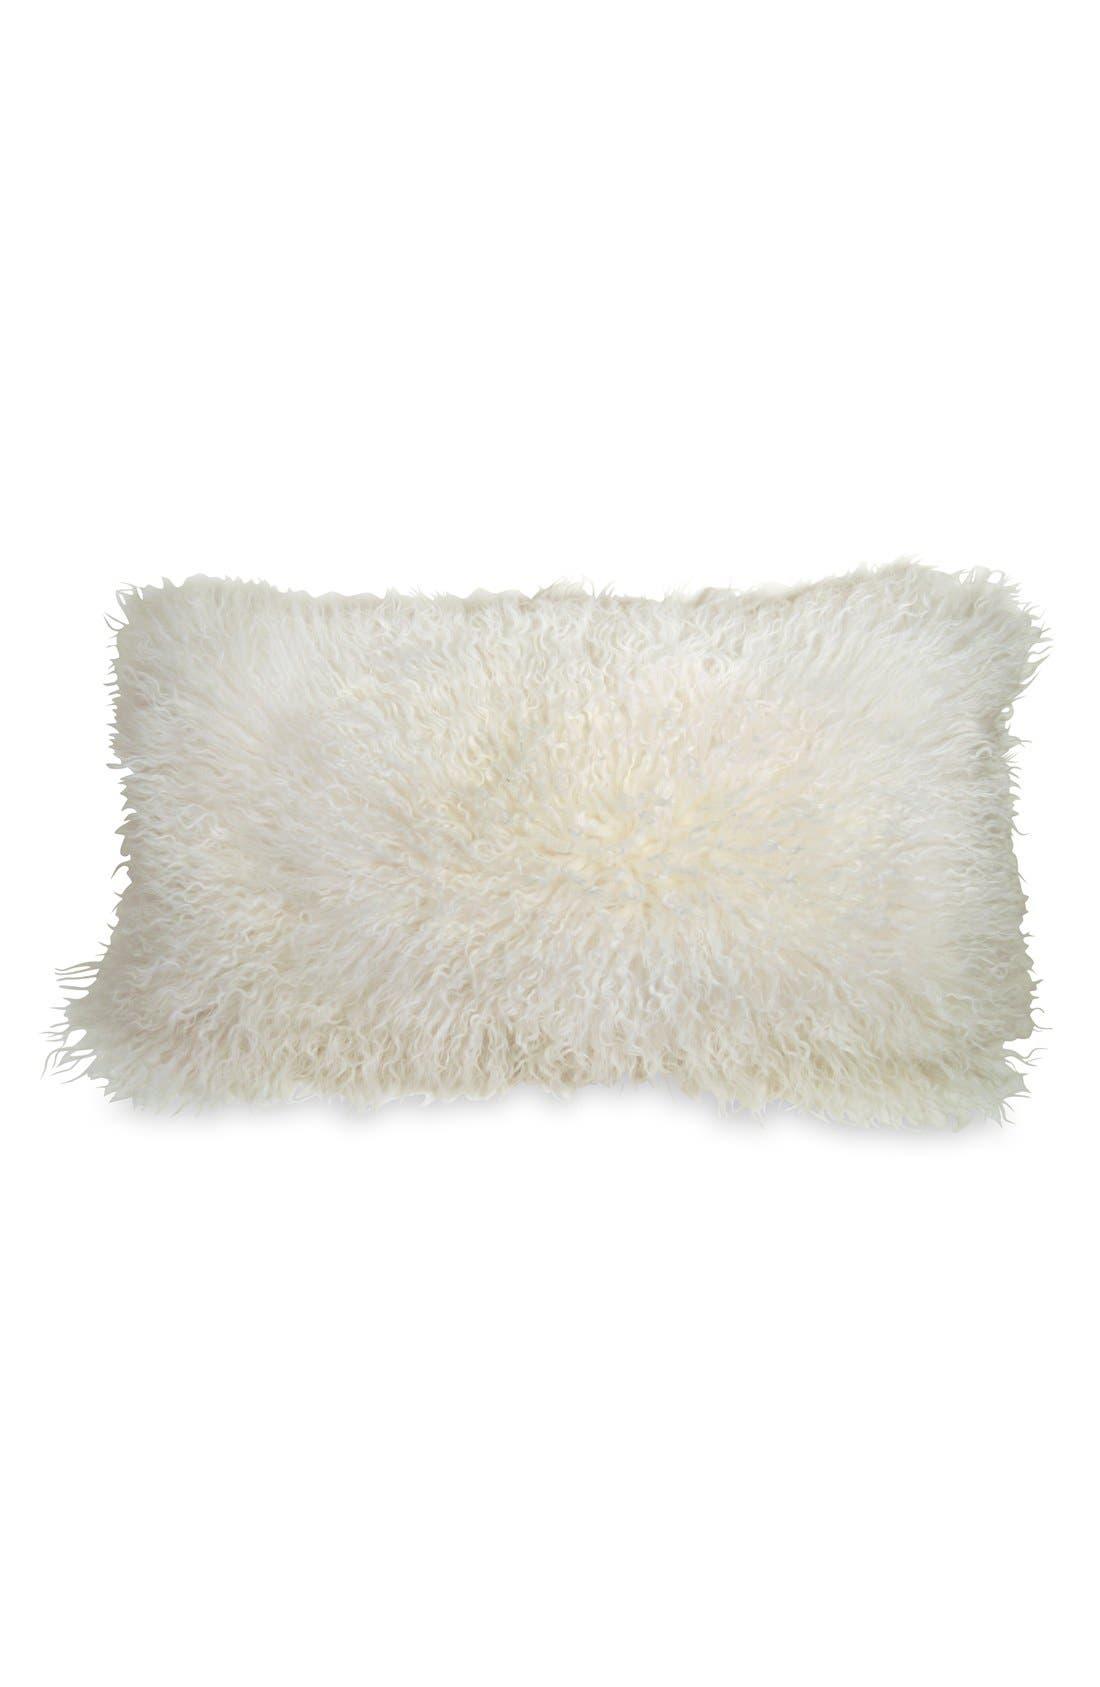 Donna Karan Collection 'Moonscape' Flokati Fur Pillow